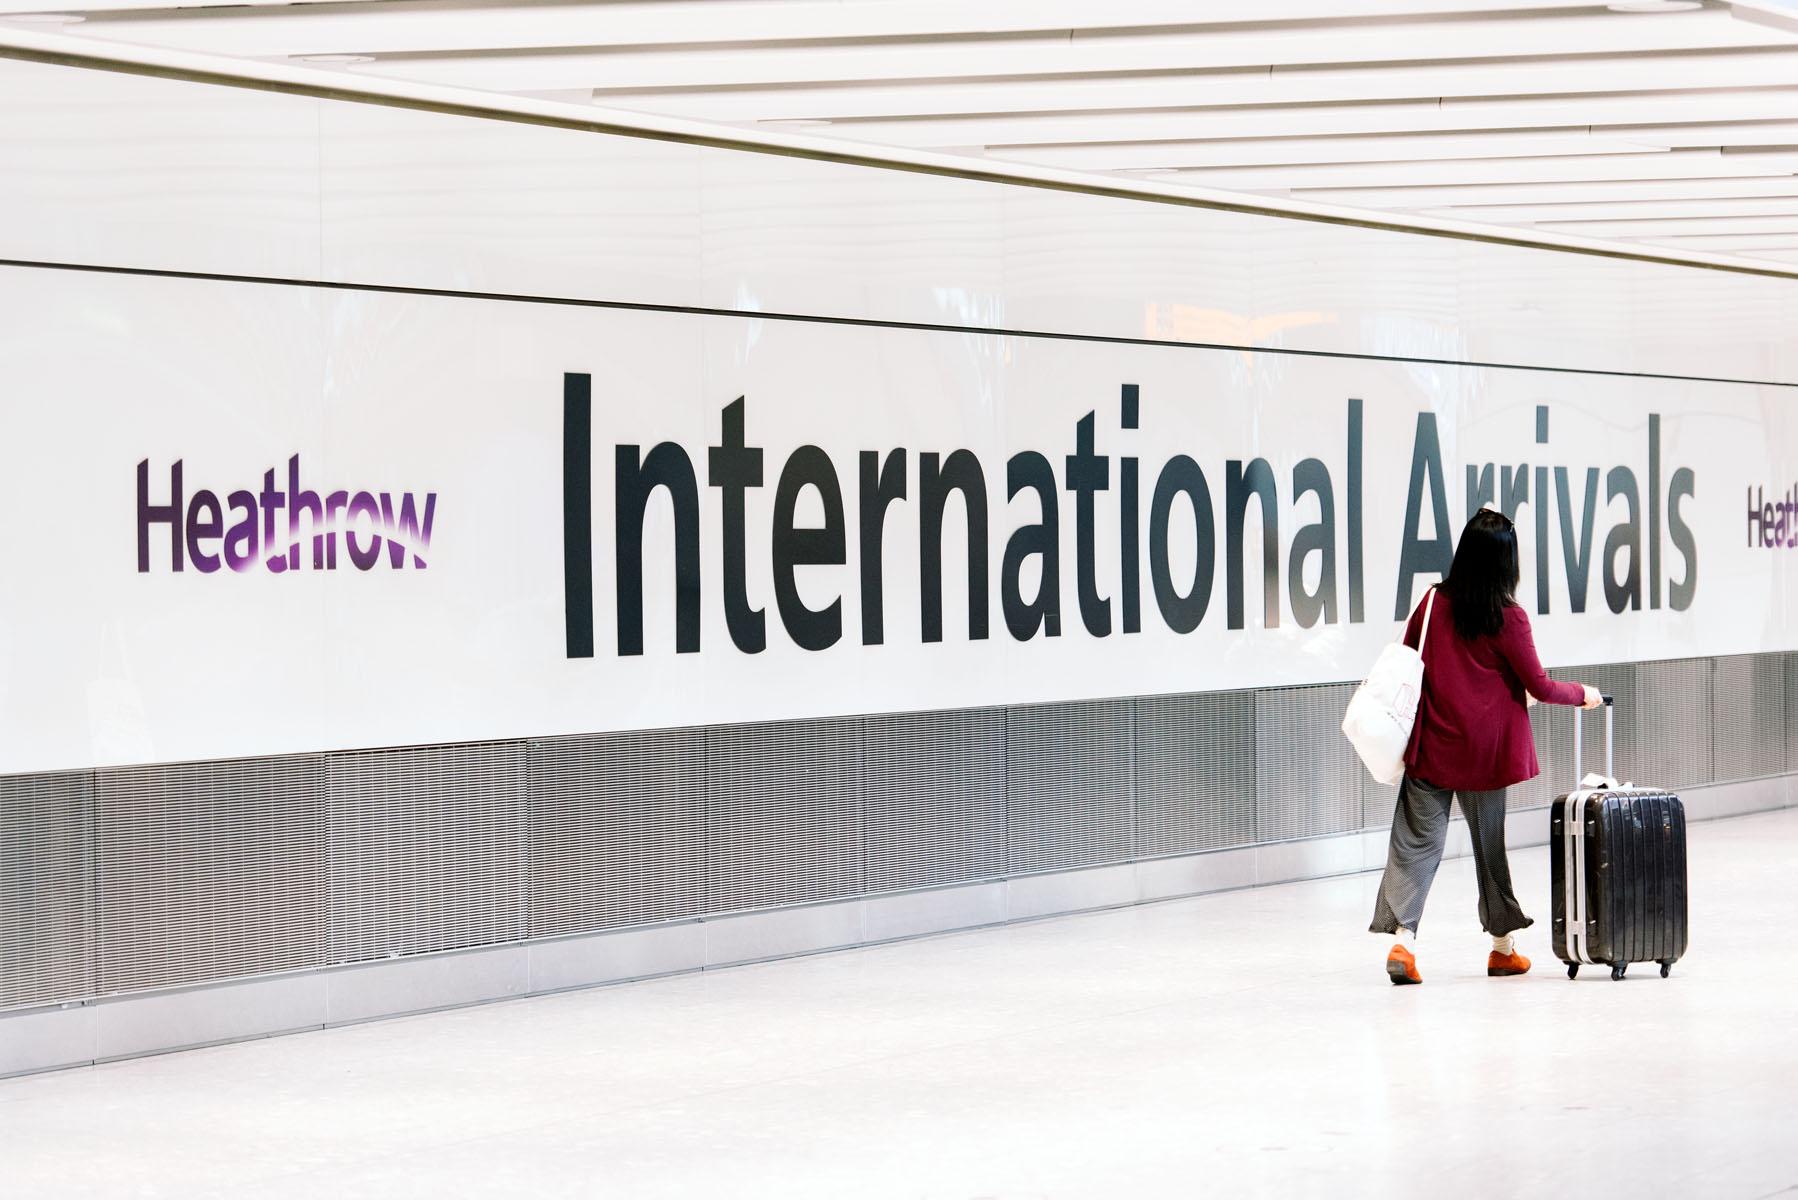 Fra i bedste fald slutningen af maj begynder Storbritannien at genåbne sine grænser – både så briterne kan rejse ud, men også så udenlandske turister atter kan komme på besøg. Arkivpressefoto fra London Heathrow Airport.